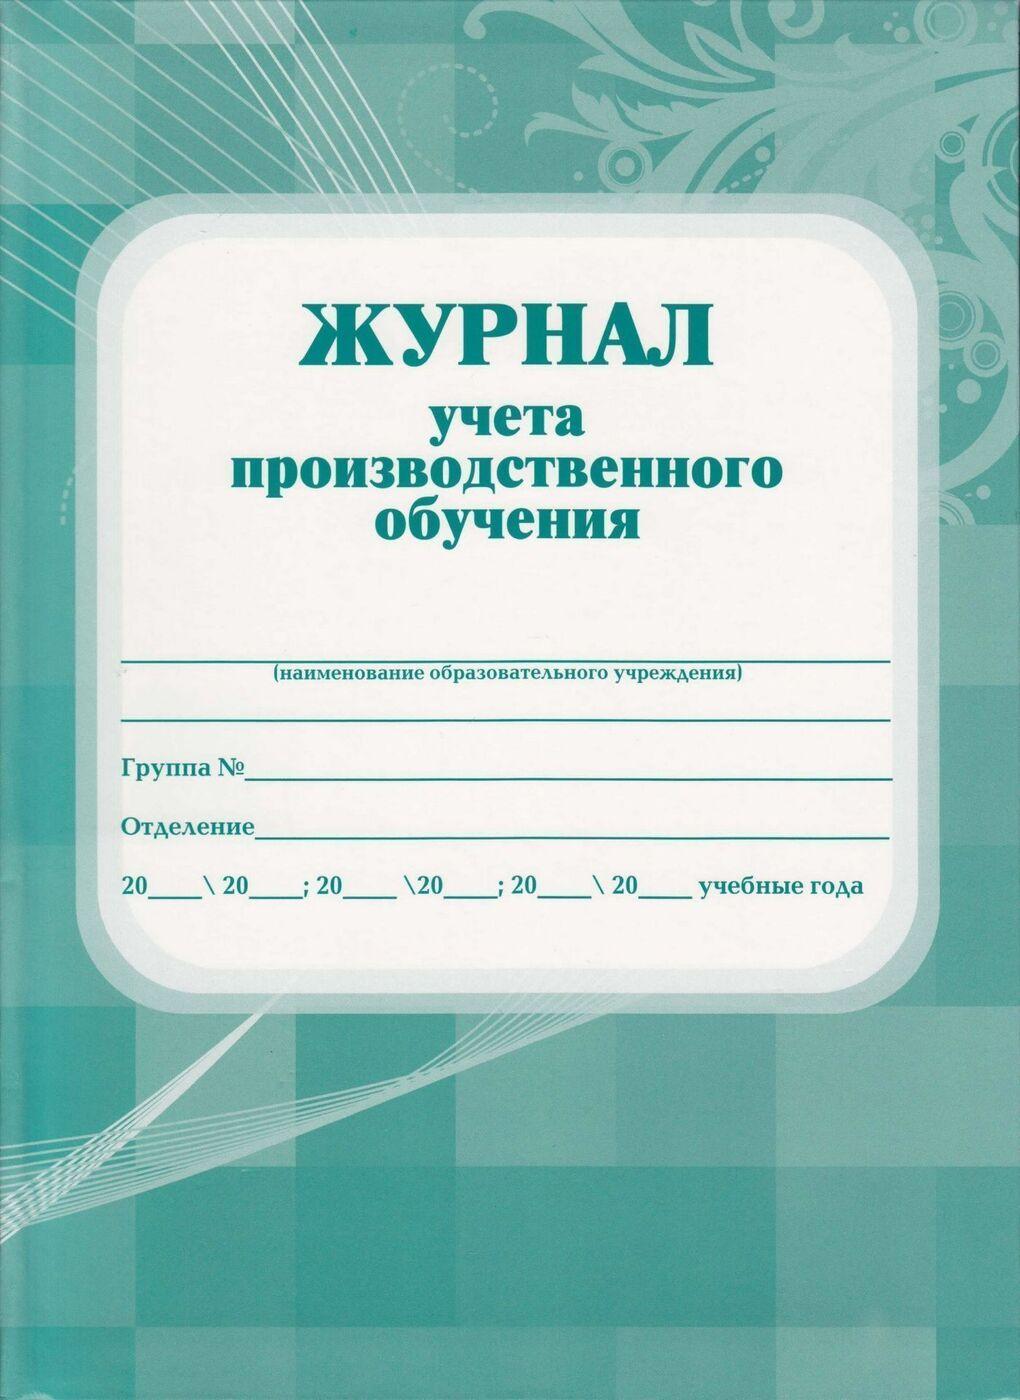 Изготовление технических журналов в Москве   фото 5